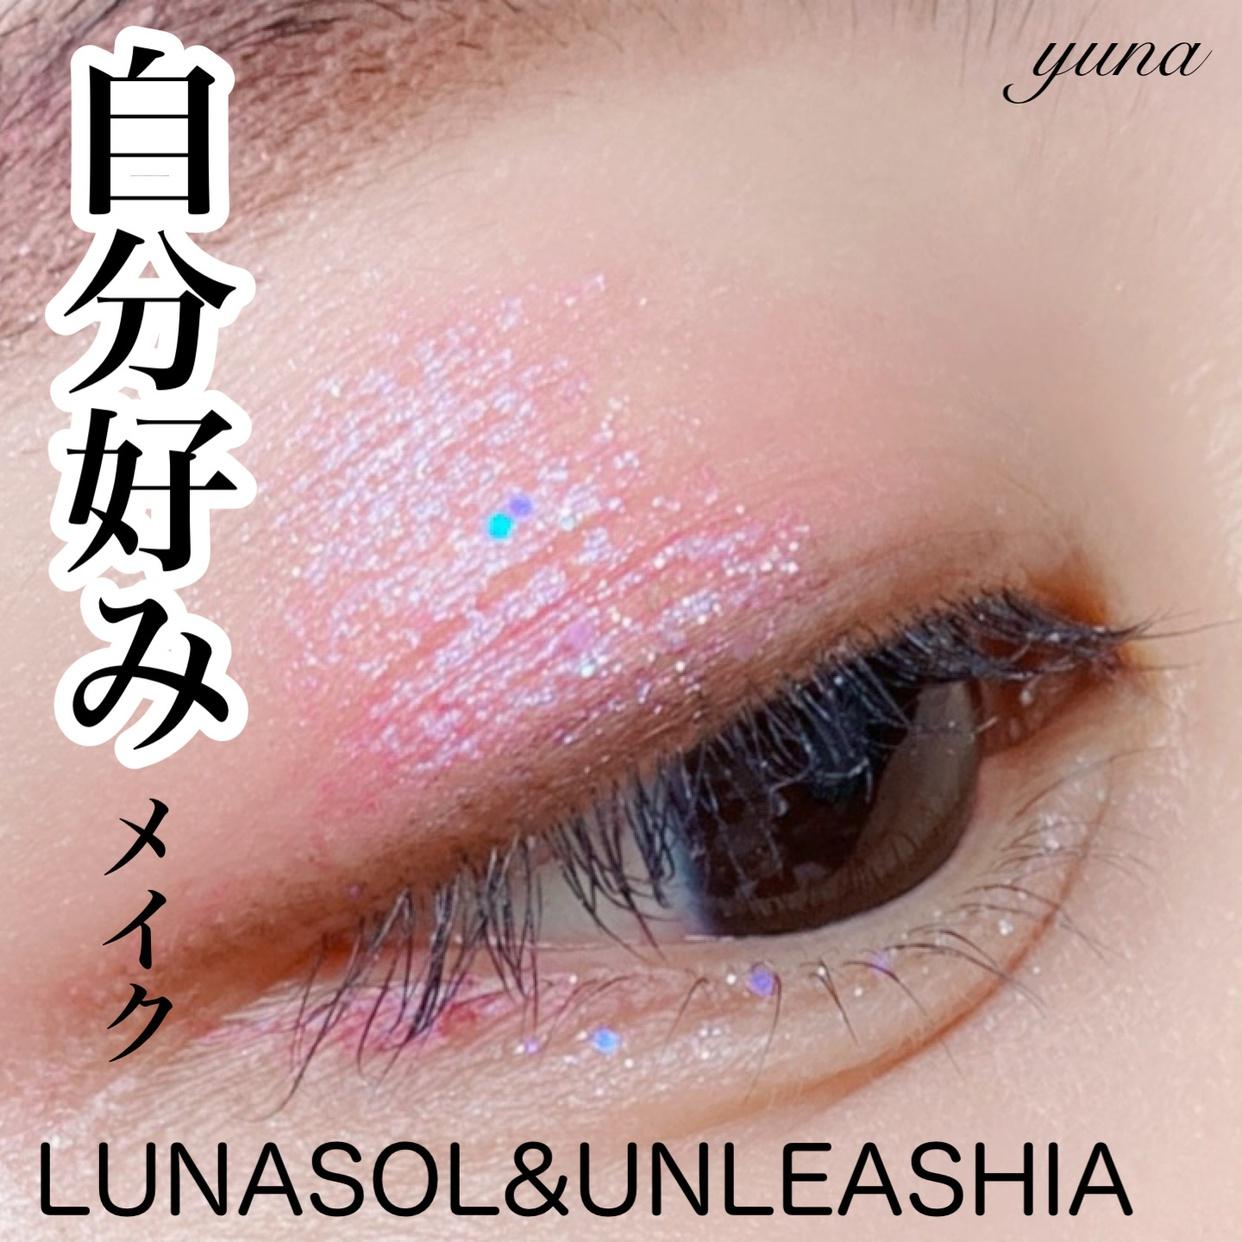 LUNASOL(ルナソル) アイカラーレーションを使ったyunaさんのクチコミ画像1